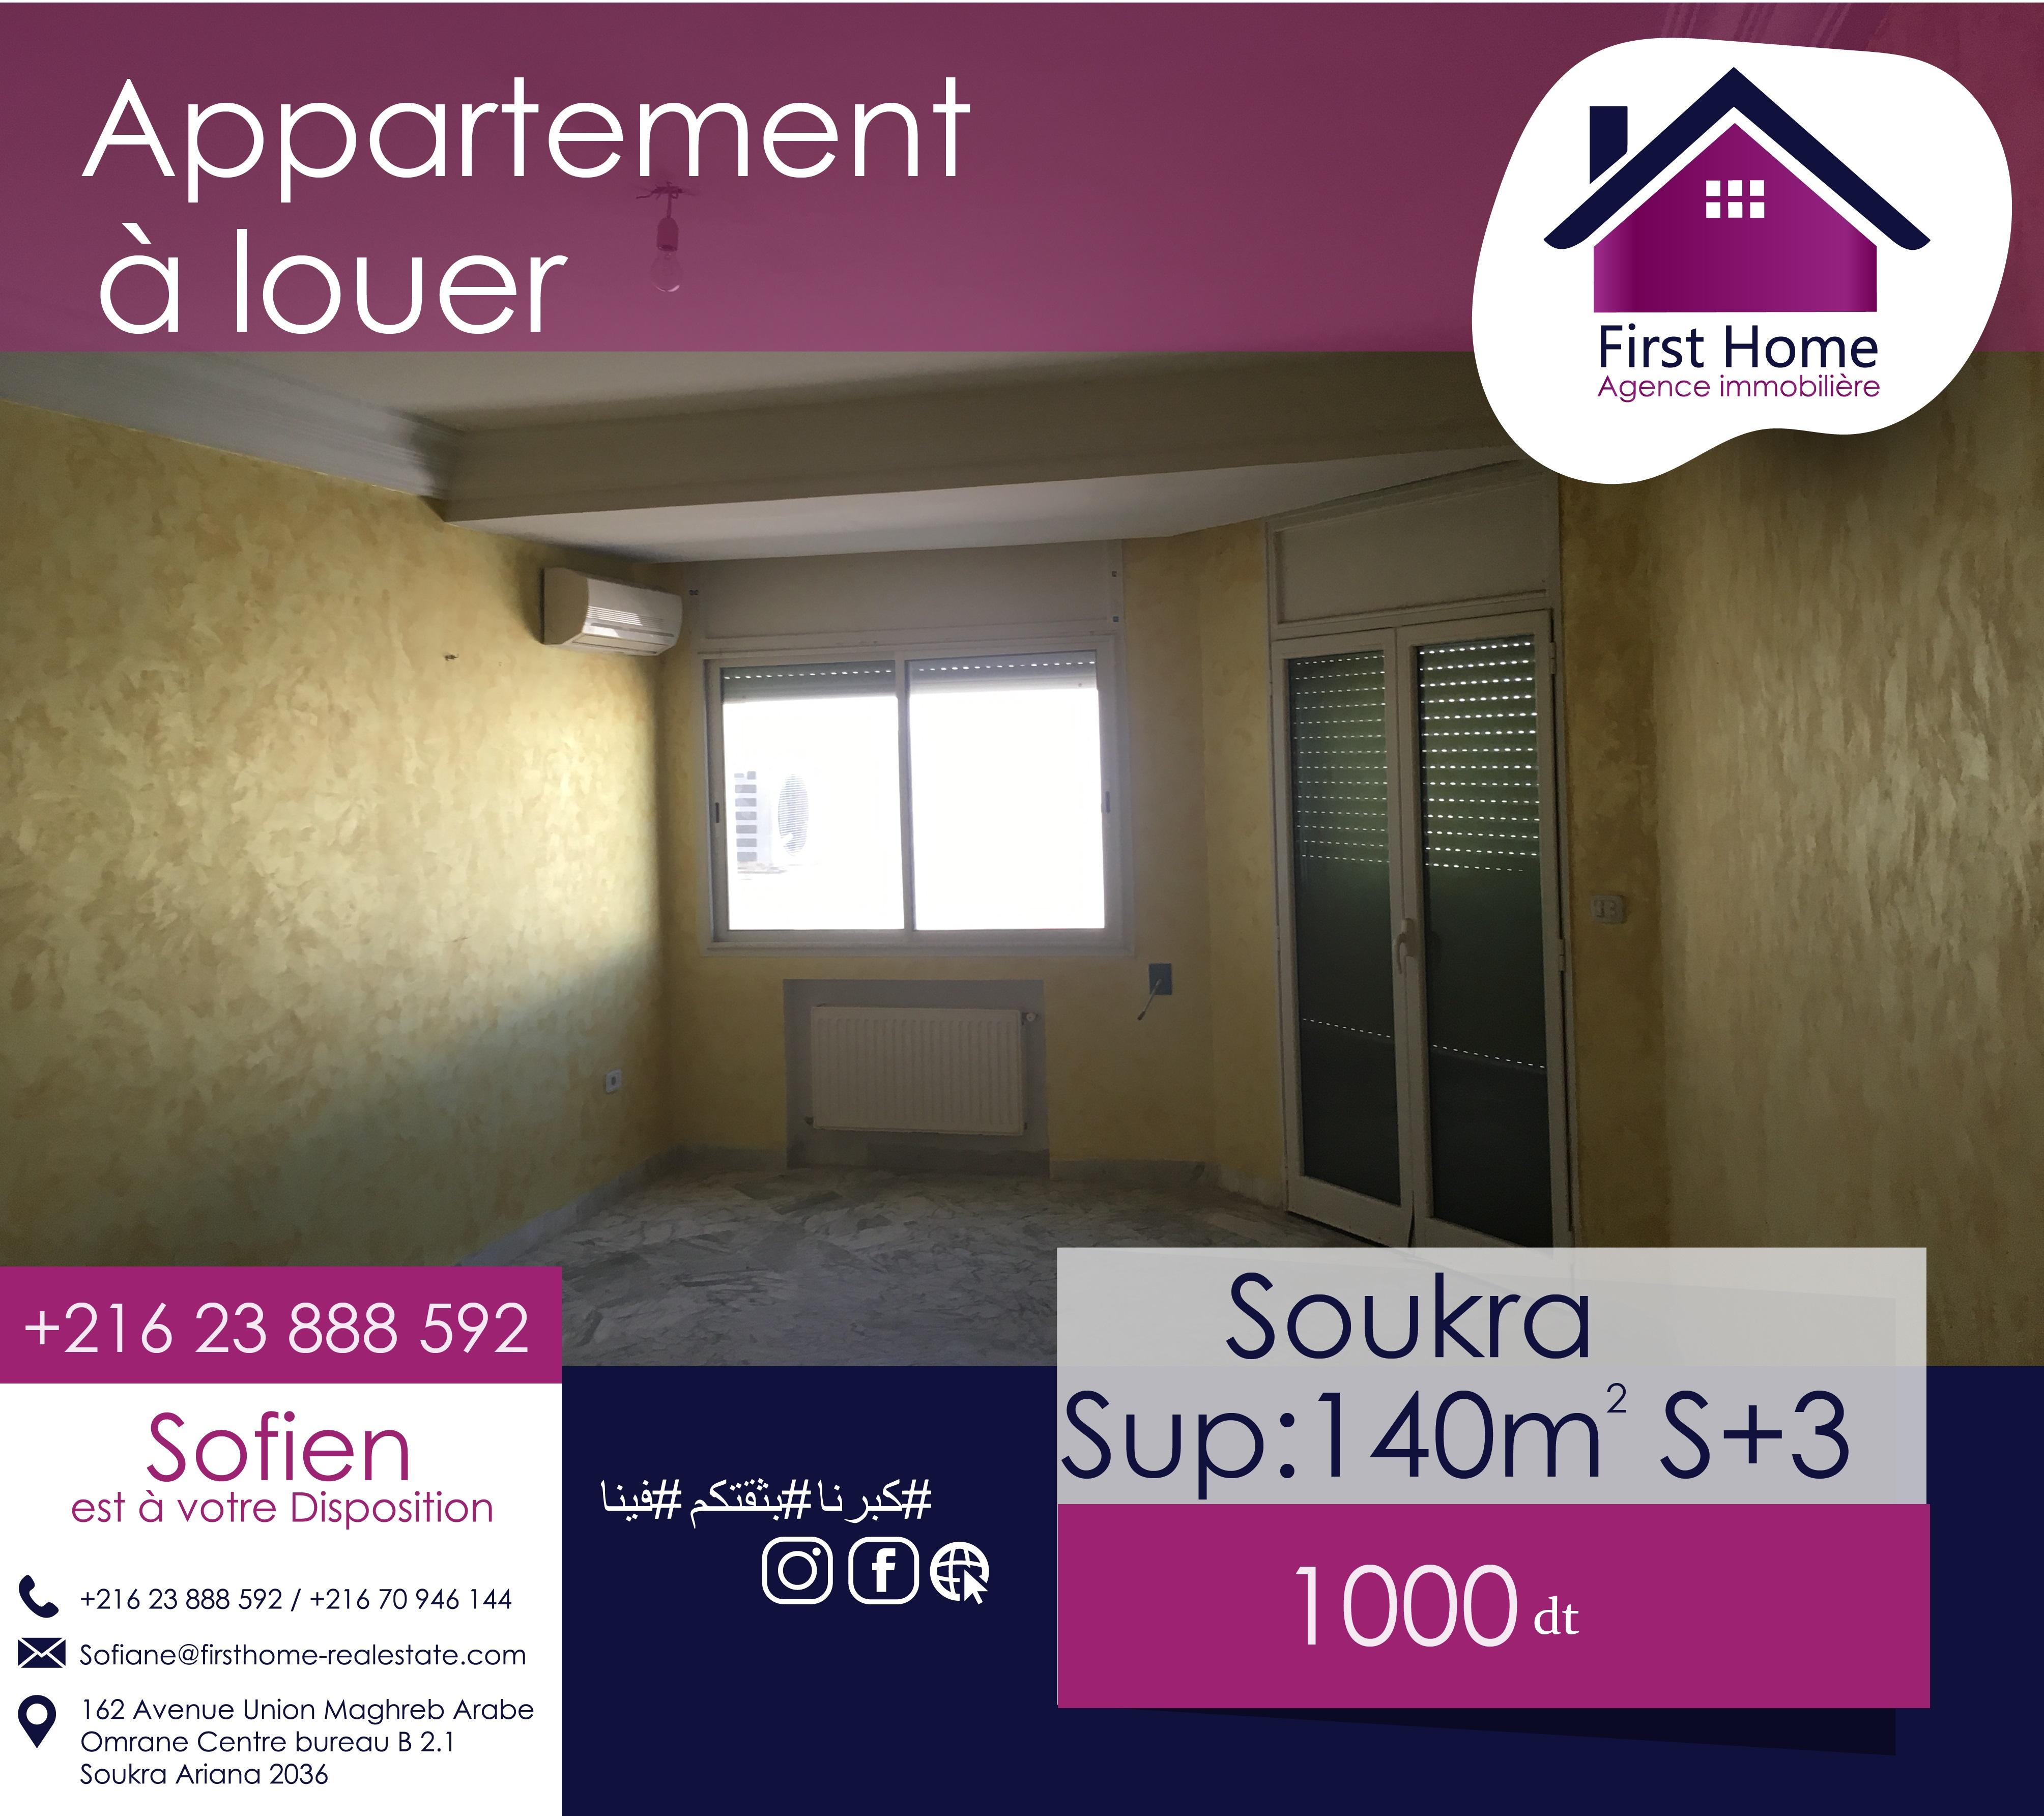 A louer un appartement S+3 à la Soukra